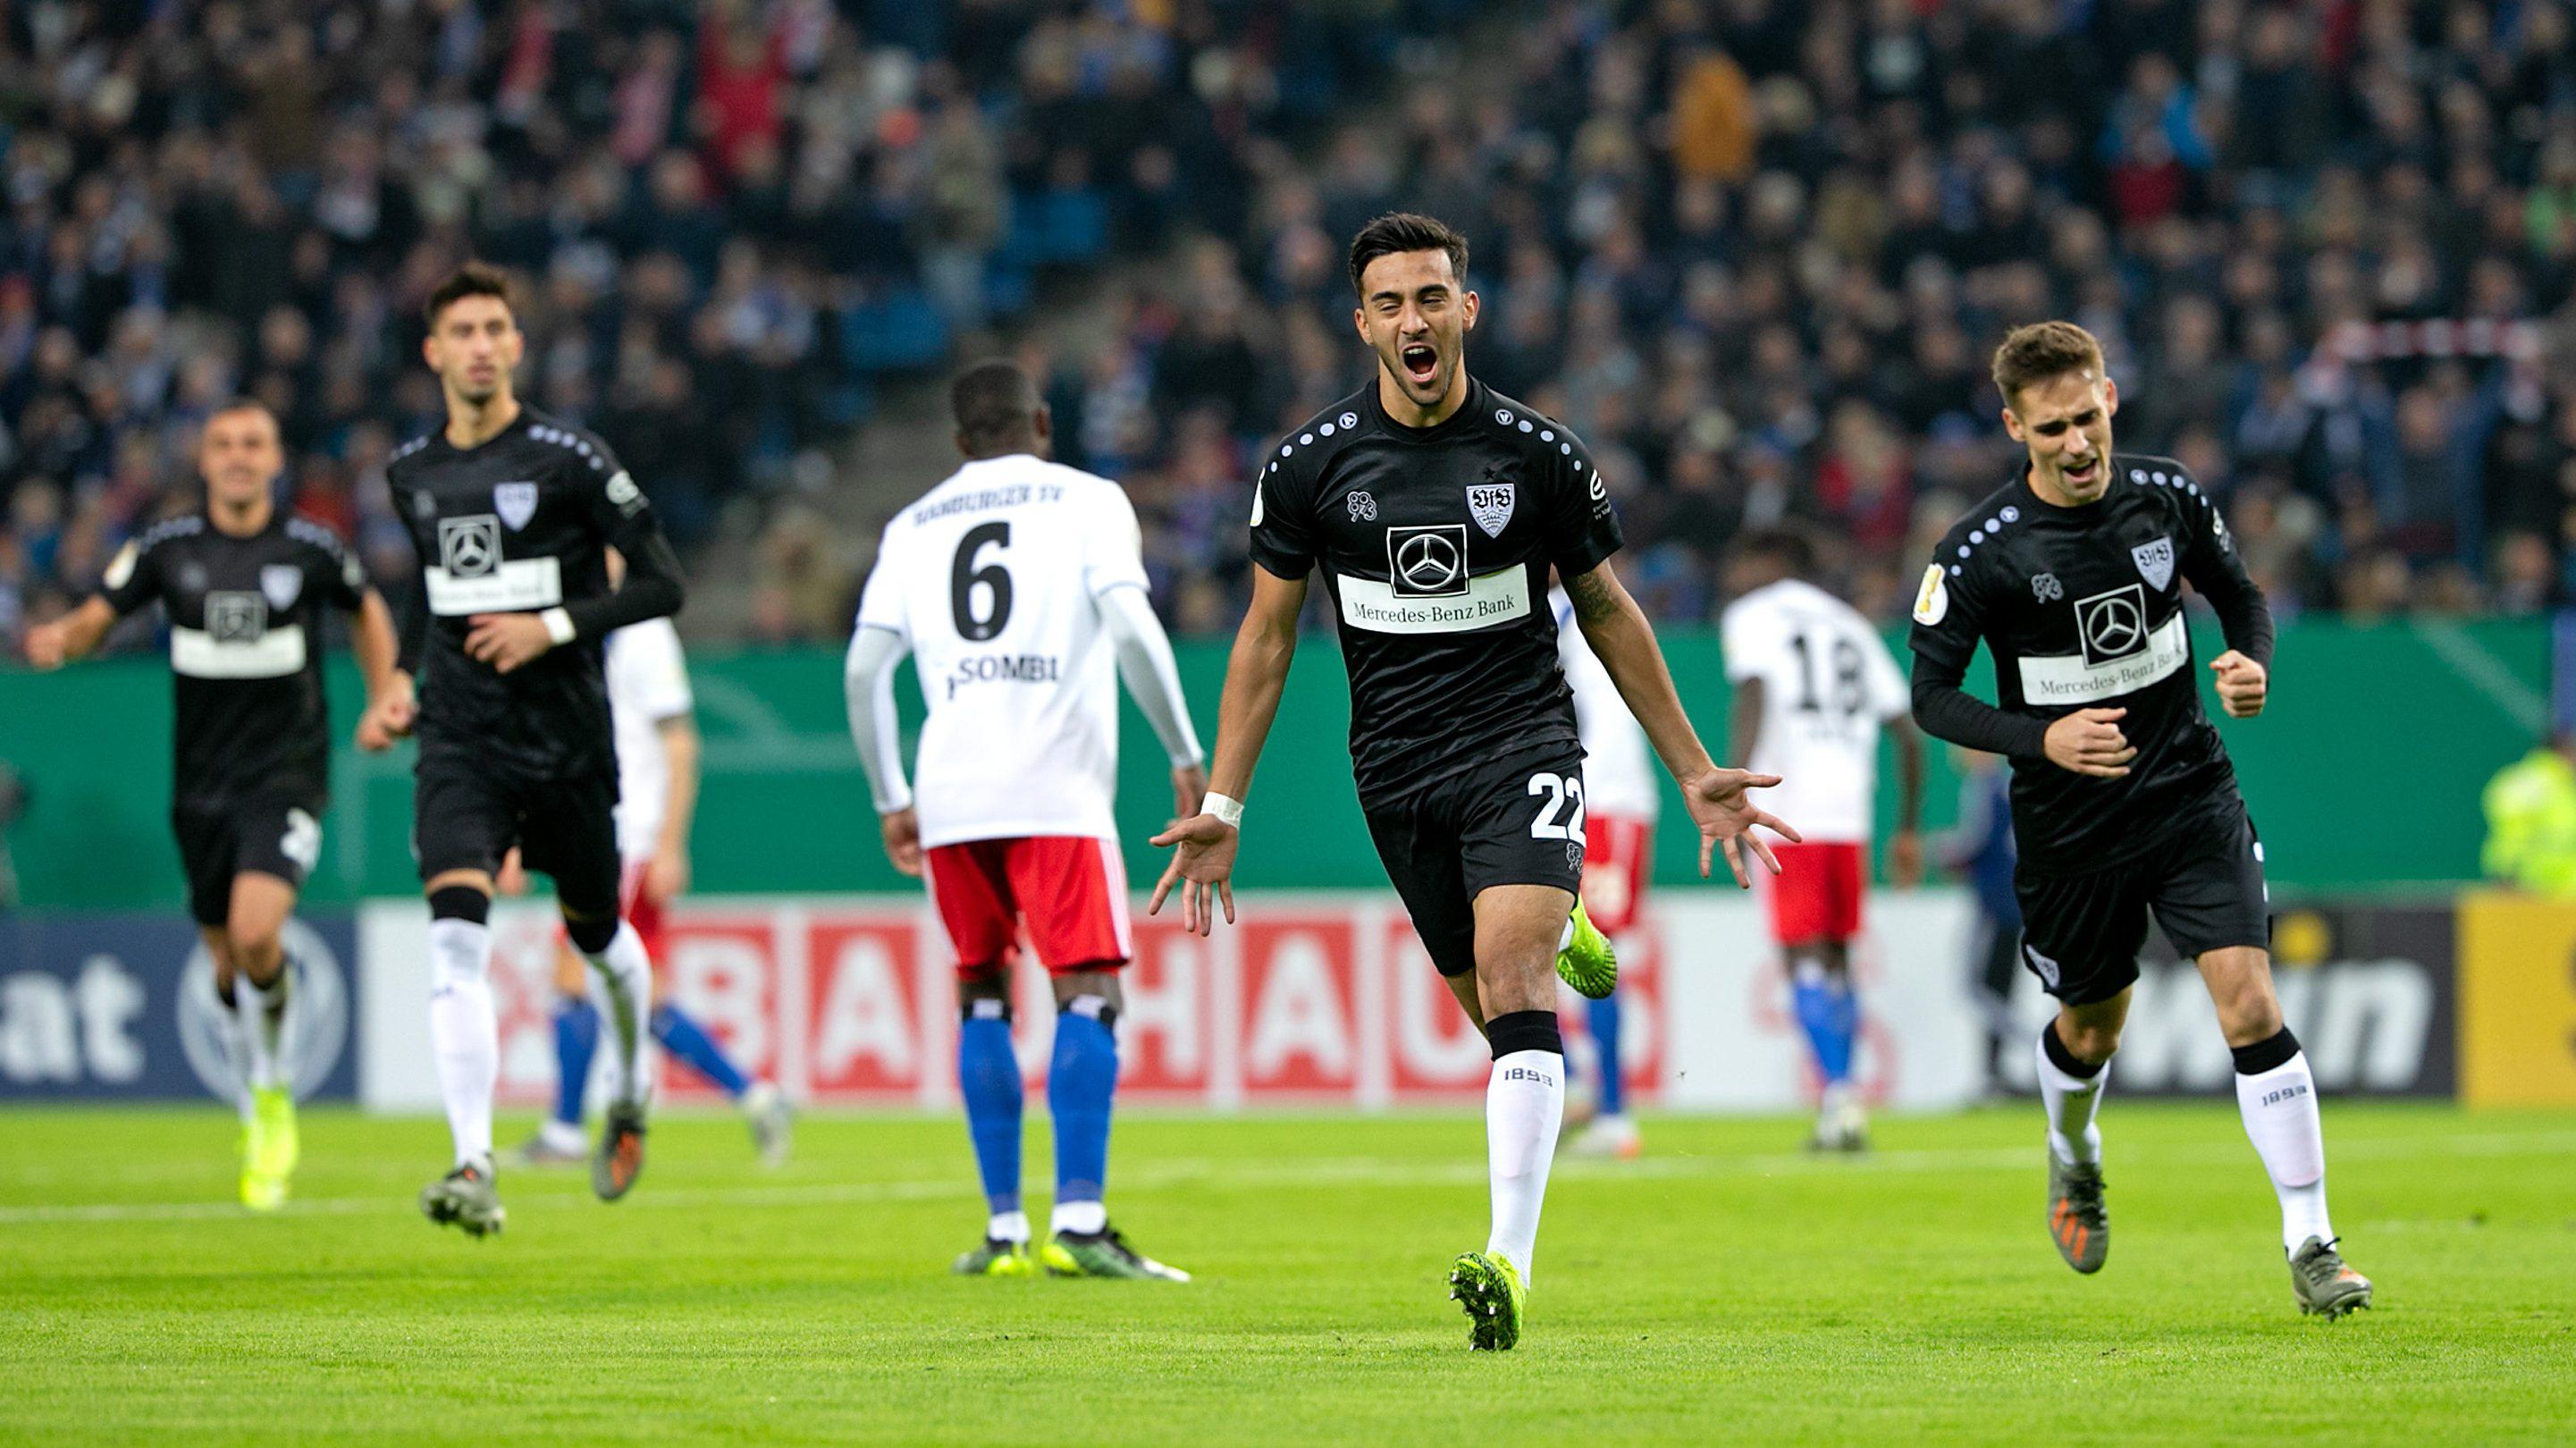 Vfb Stuttgart 2. Liga